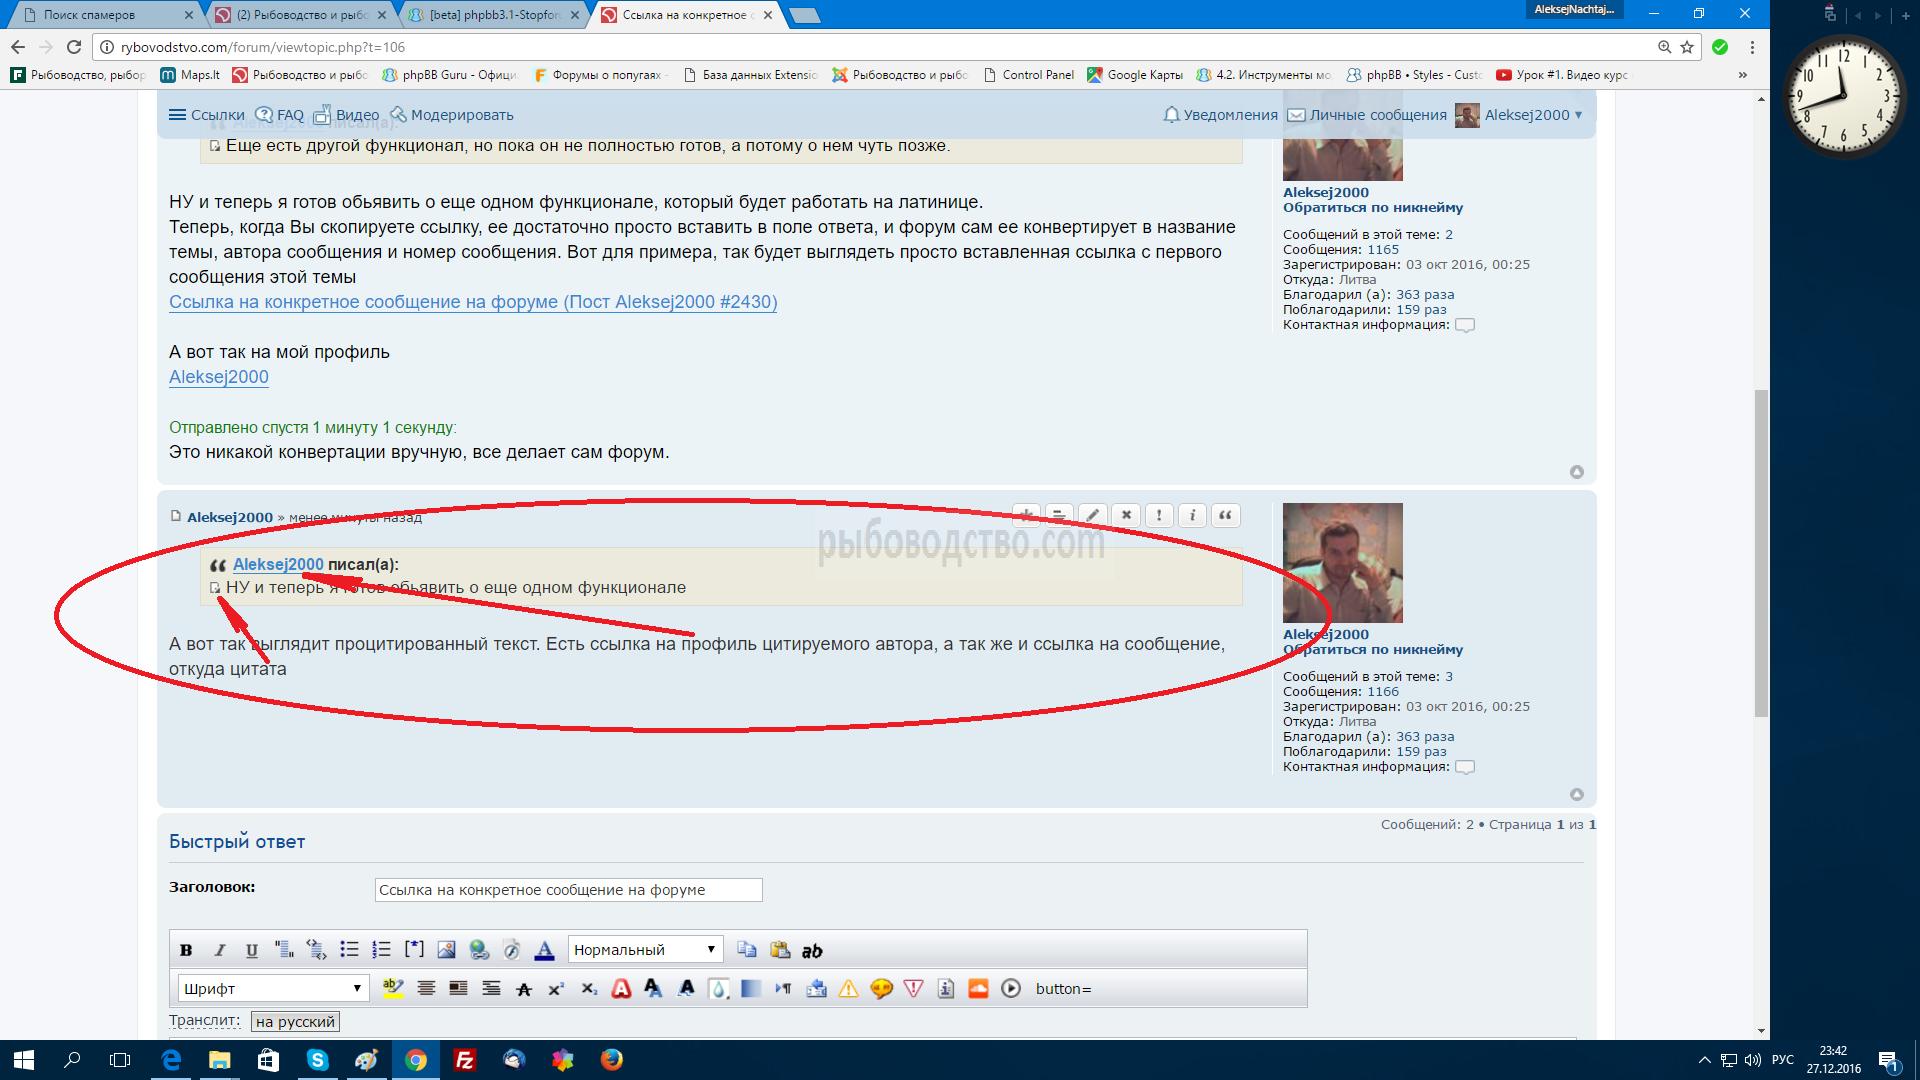 Как сделать ссылку на страницу в Контакте, способы ее узнать и скинуть 1